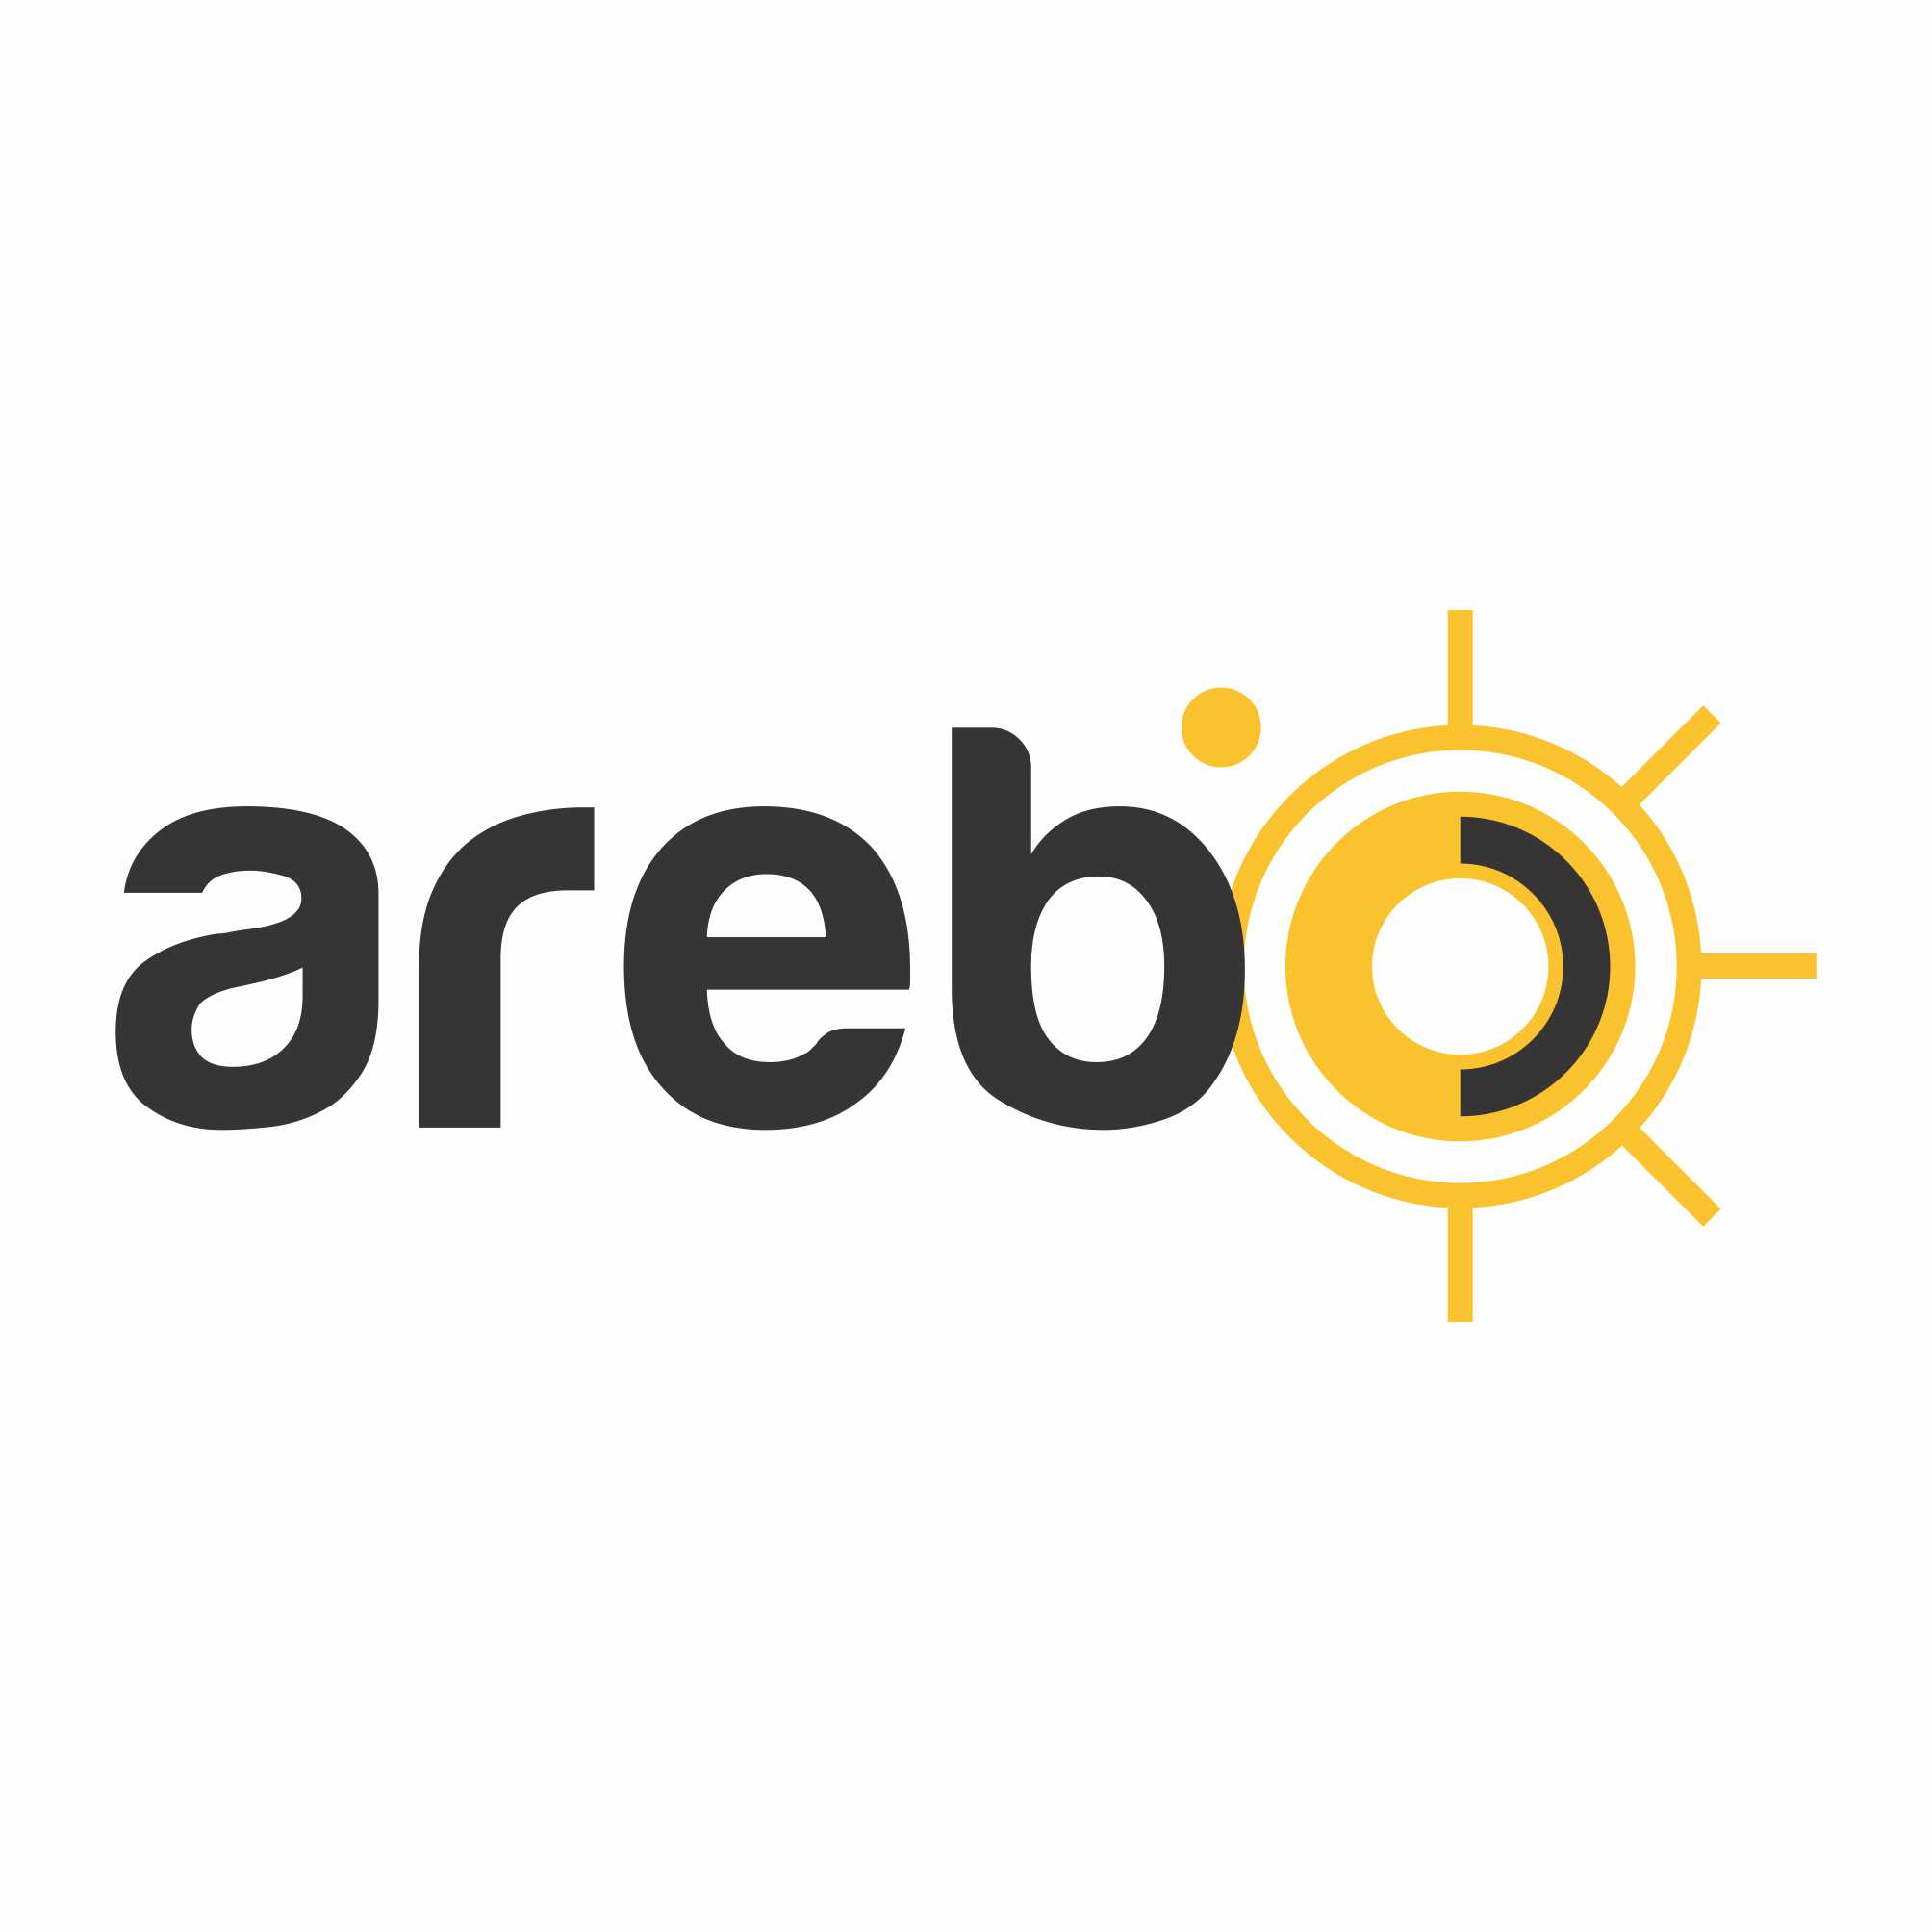 LOGO_AREBO